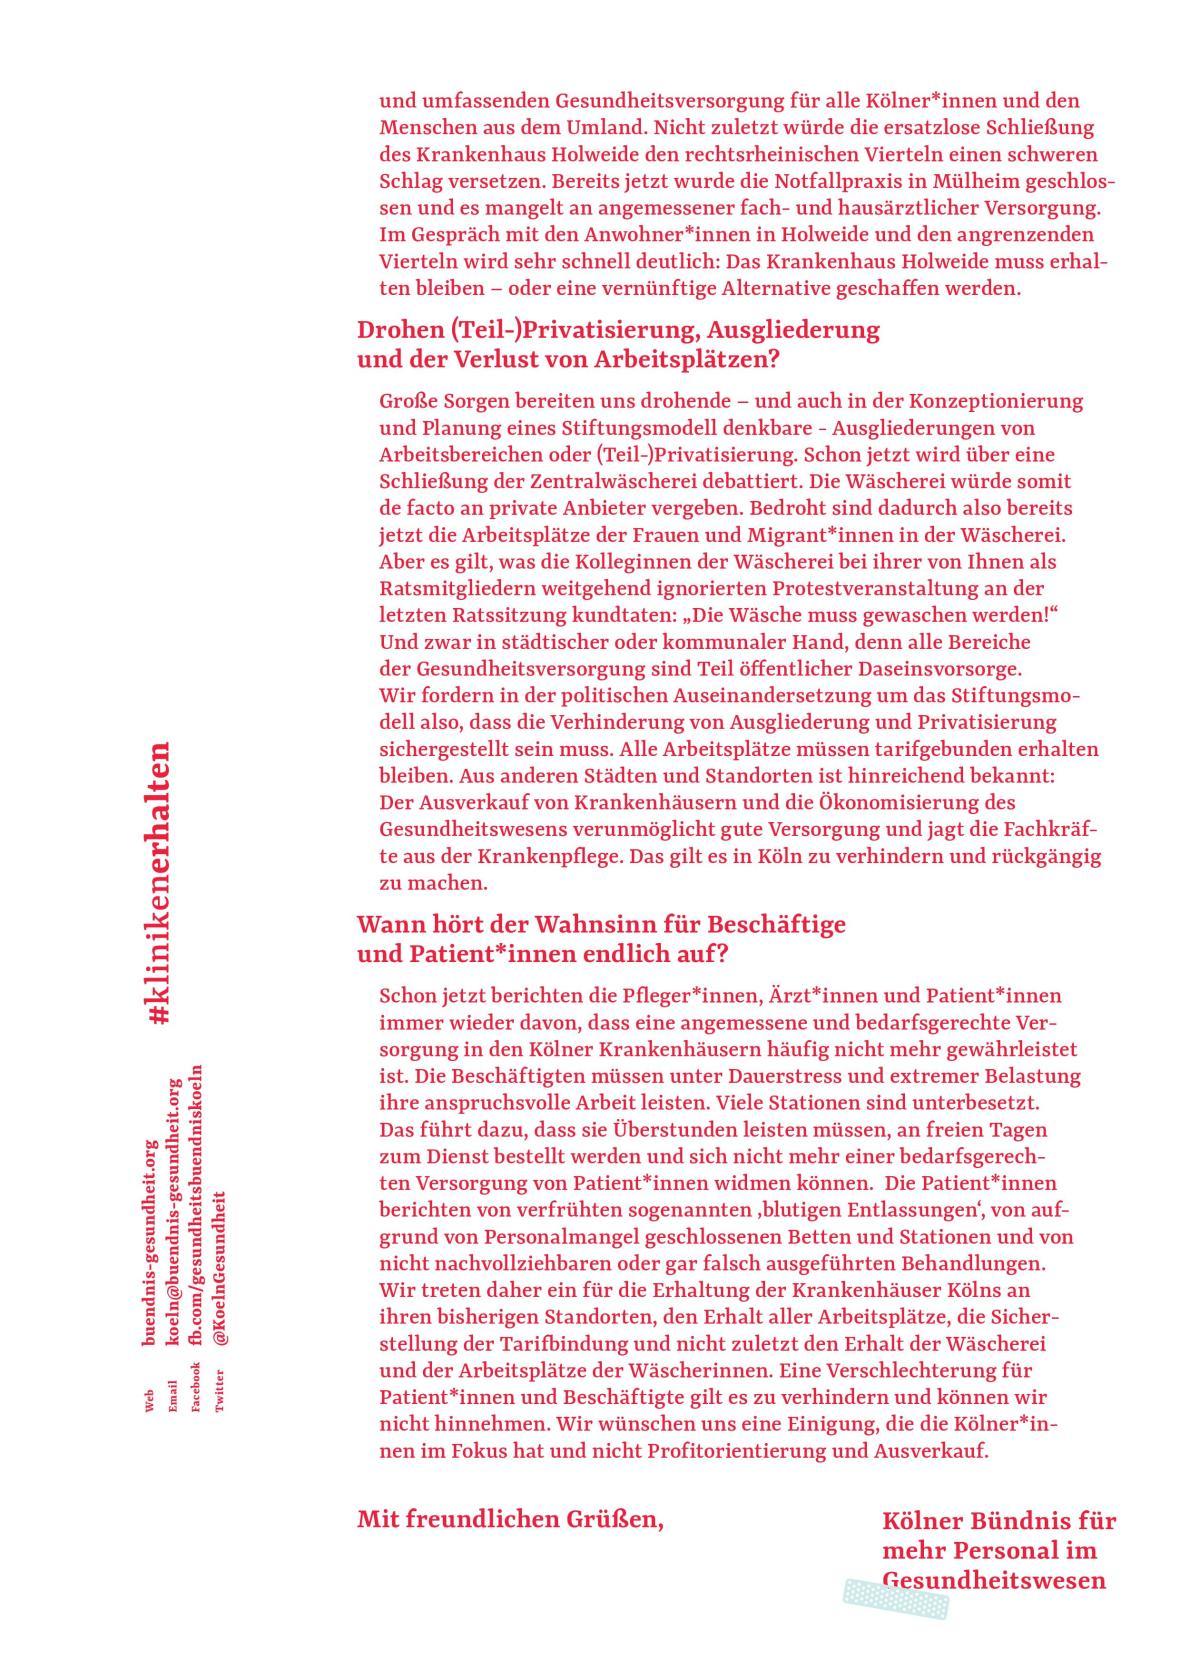 Offener-Brief-Kölner-Kliniken_25.09.19-page-002